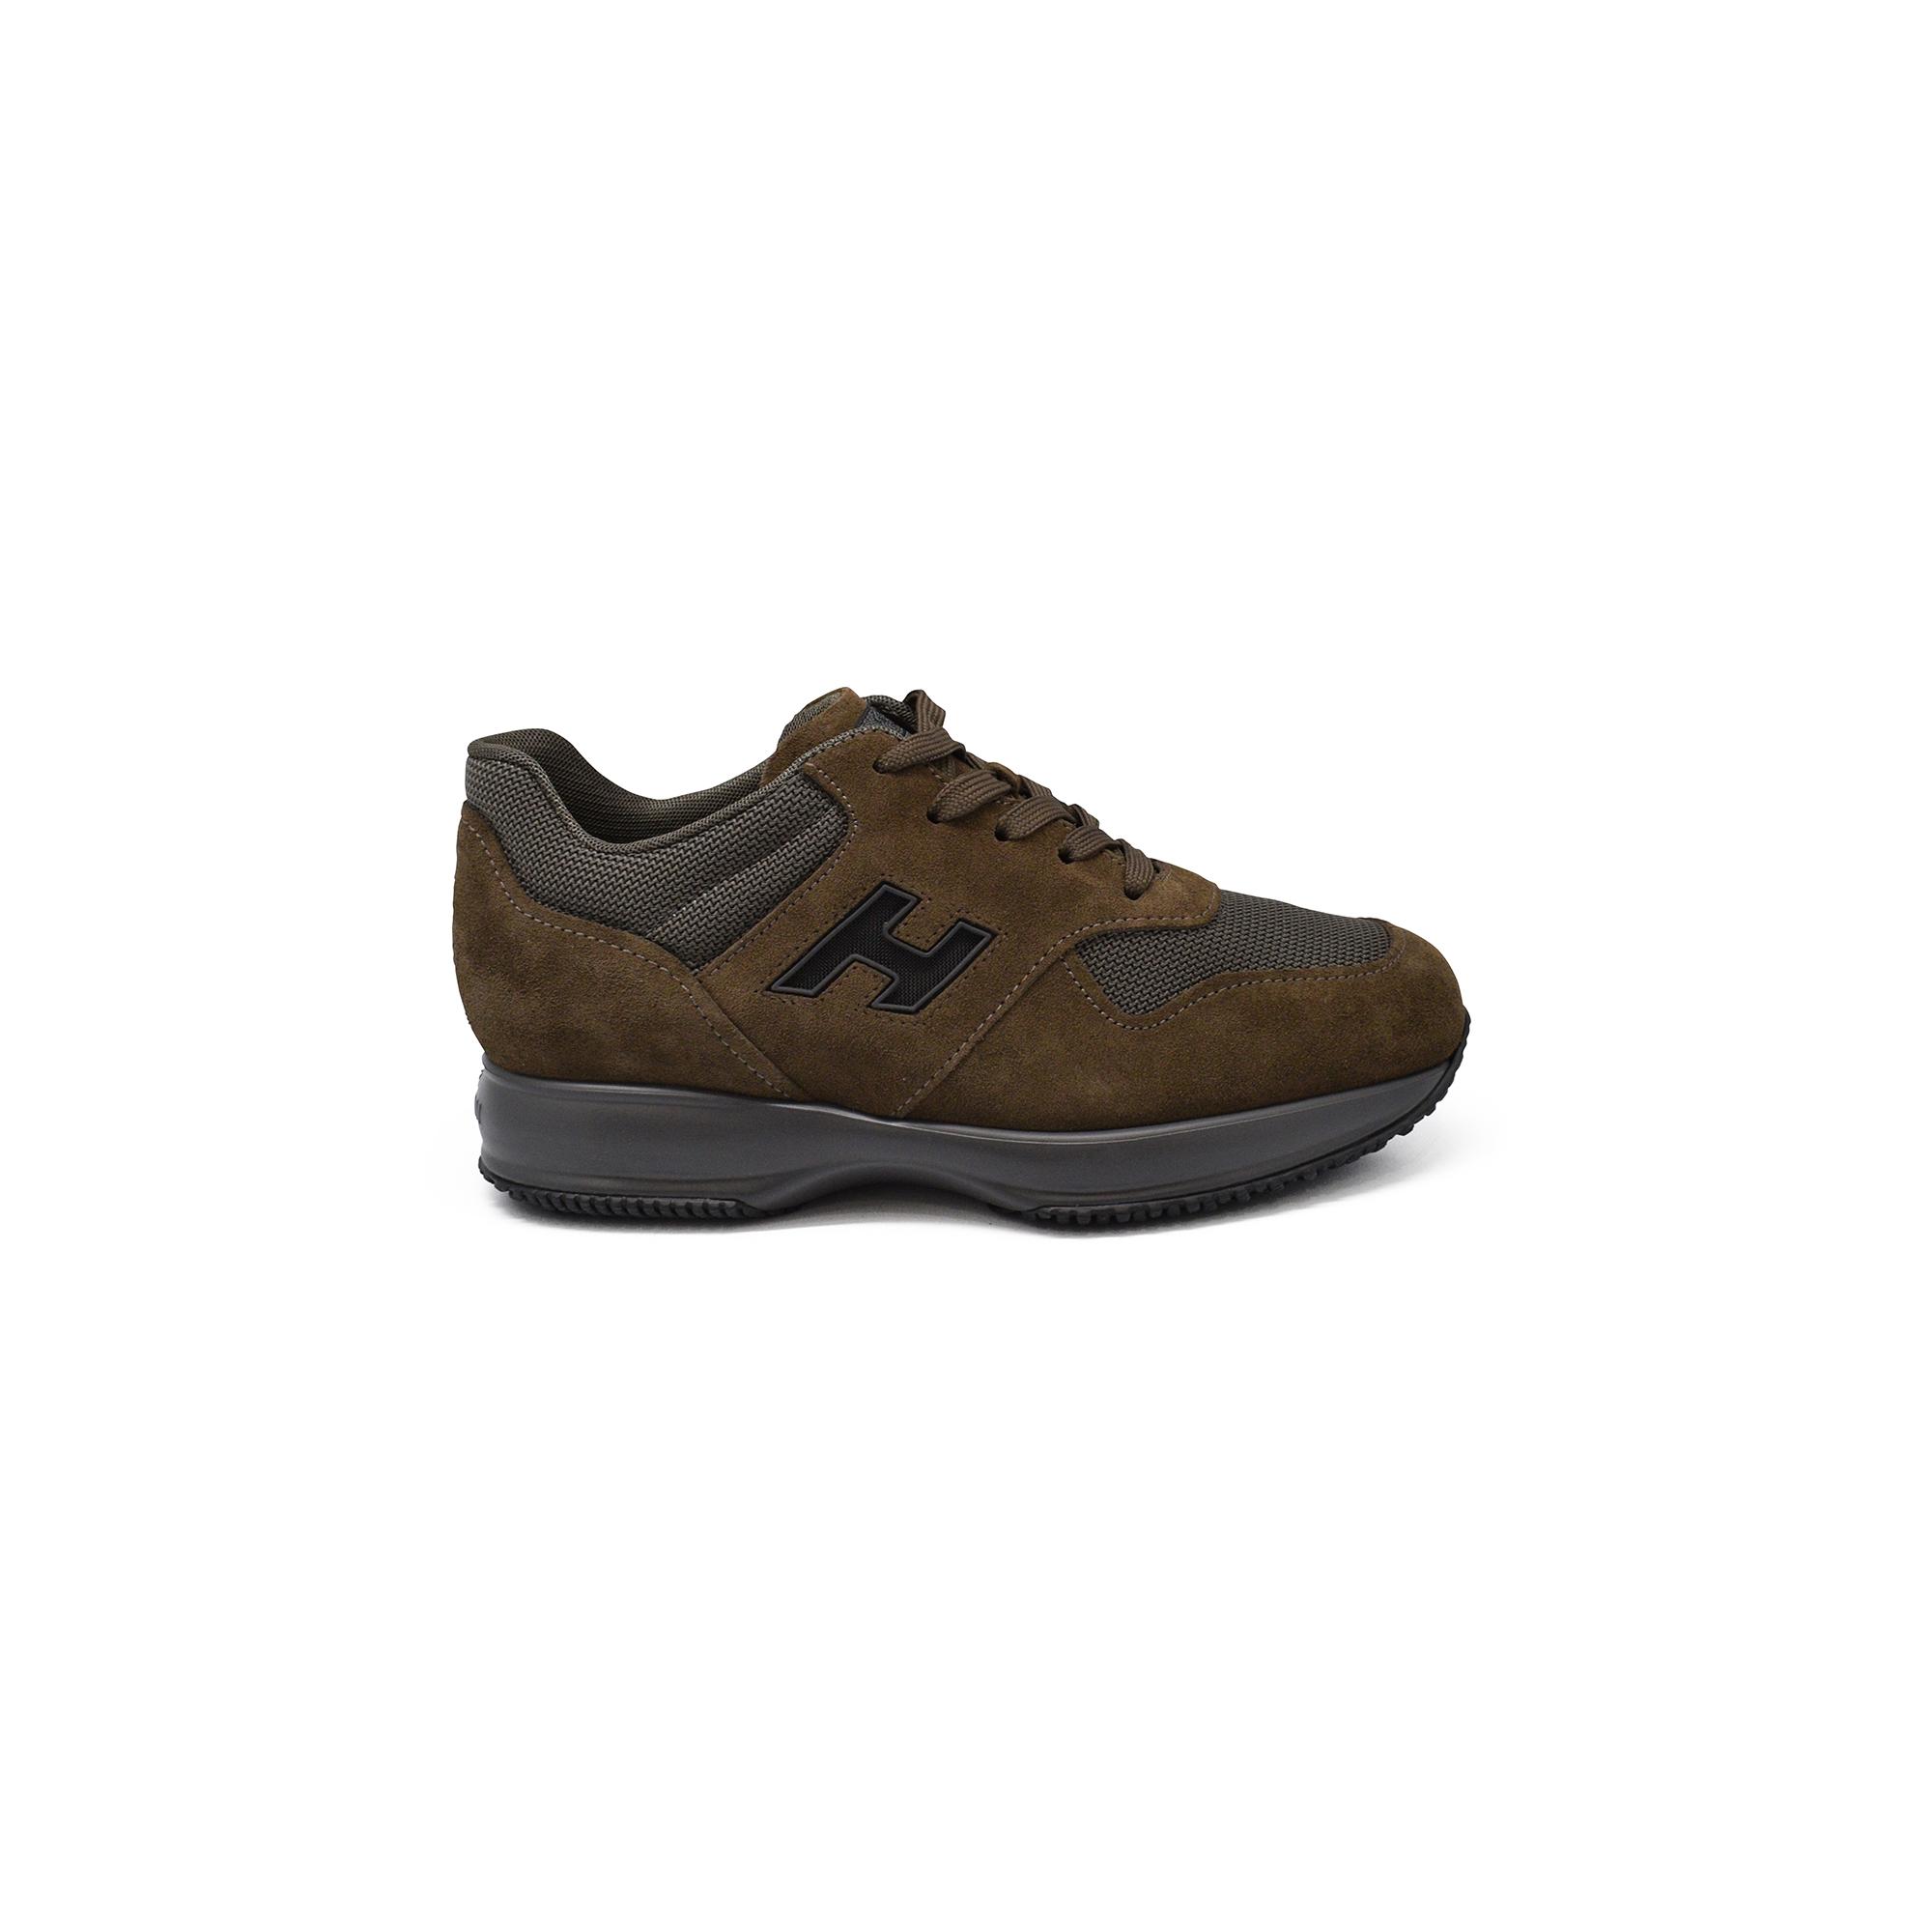 Interactive N20 sneakers